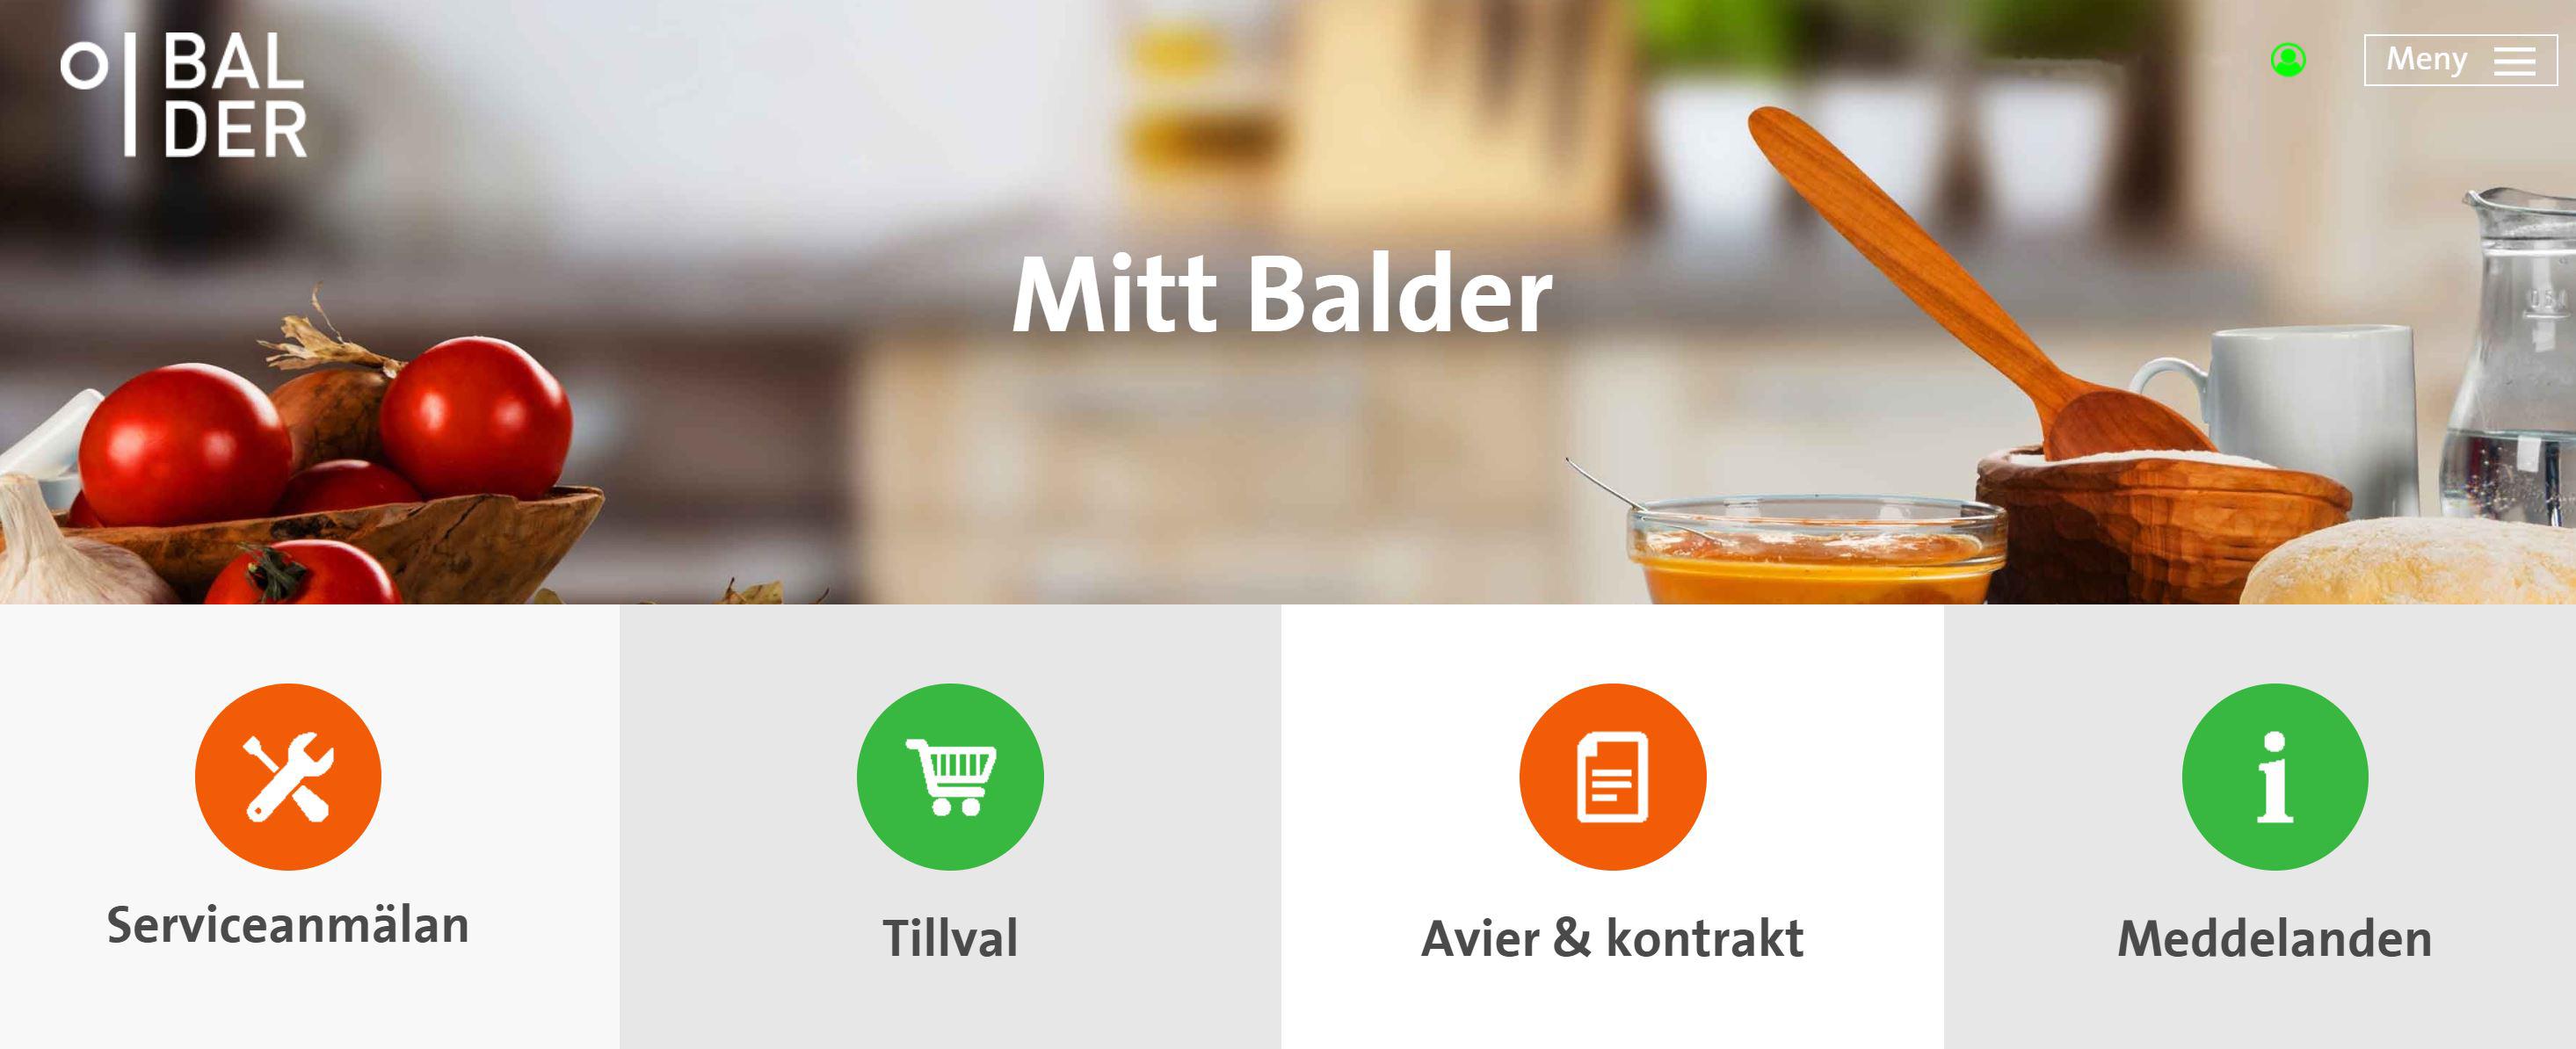 Mina Sidor Fastighets AB Balder byter namn till Mitt Balder